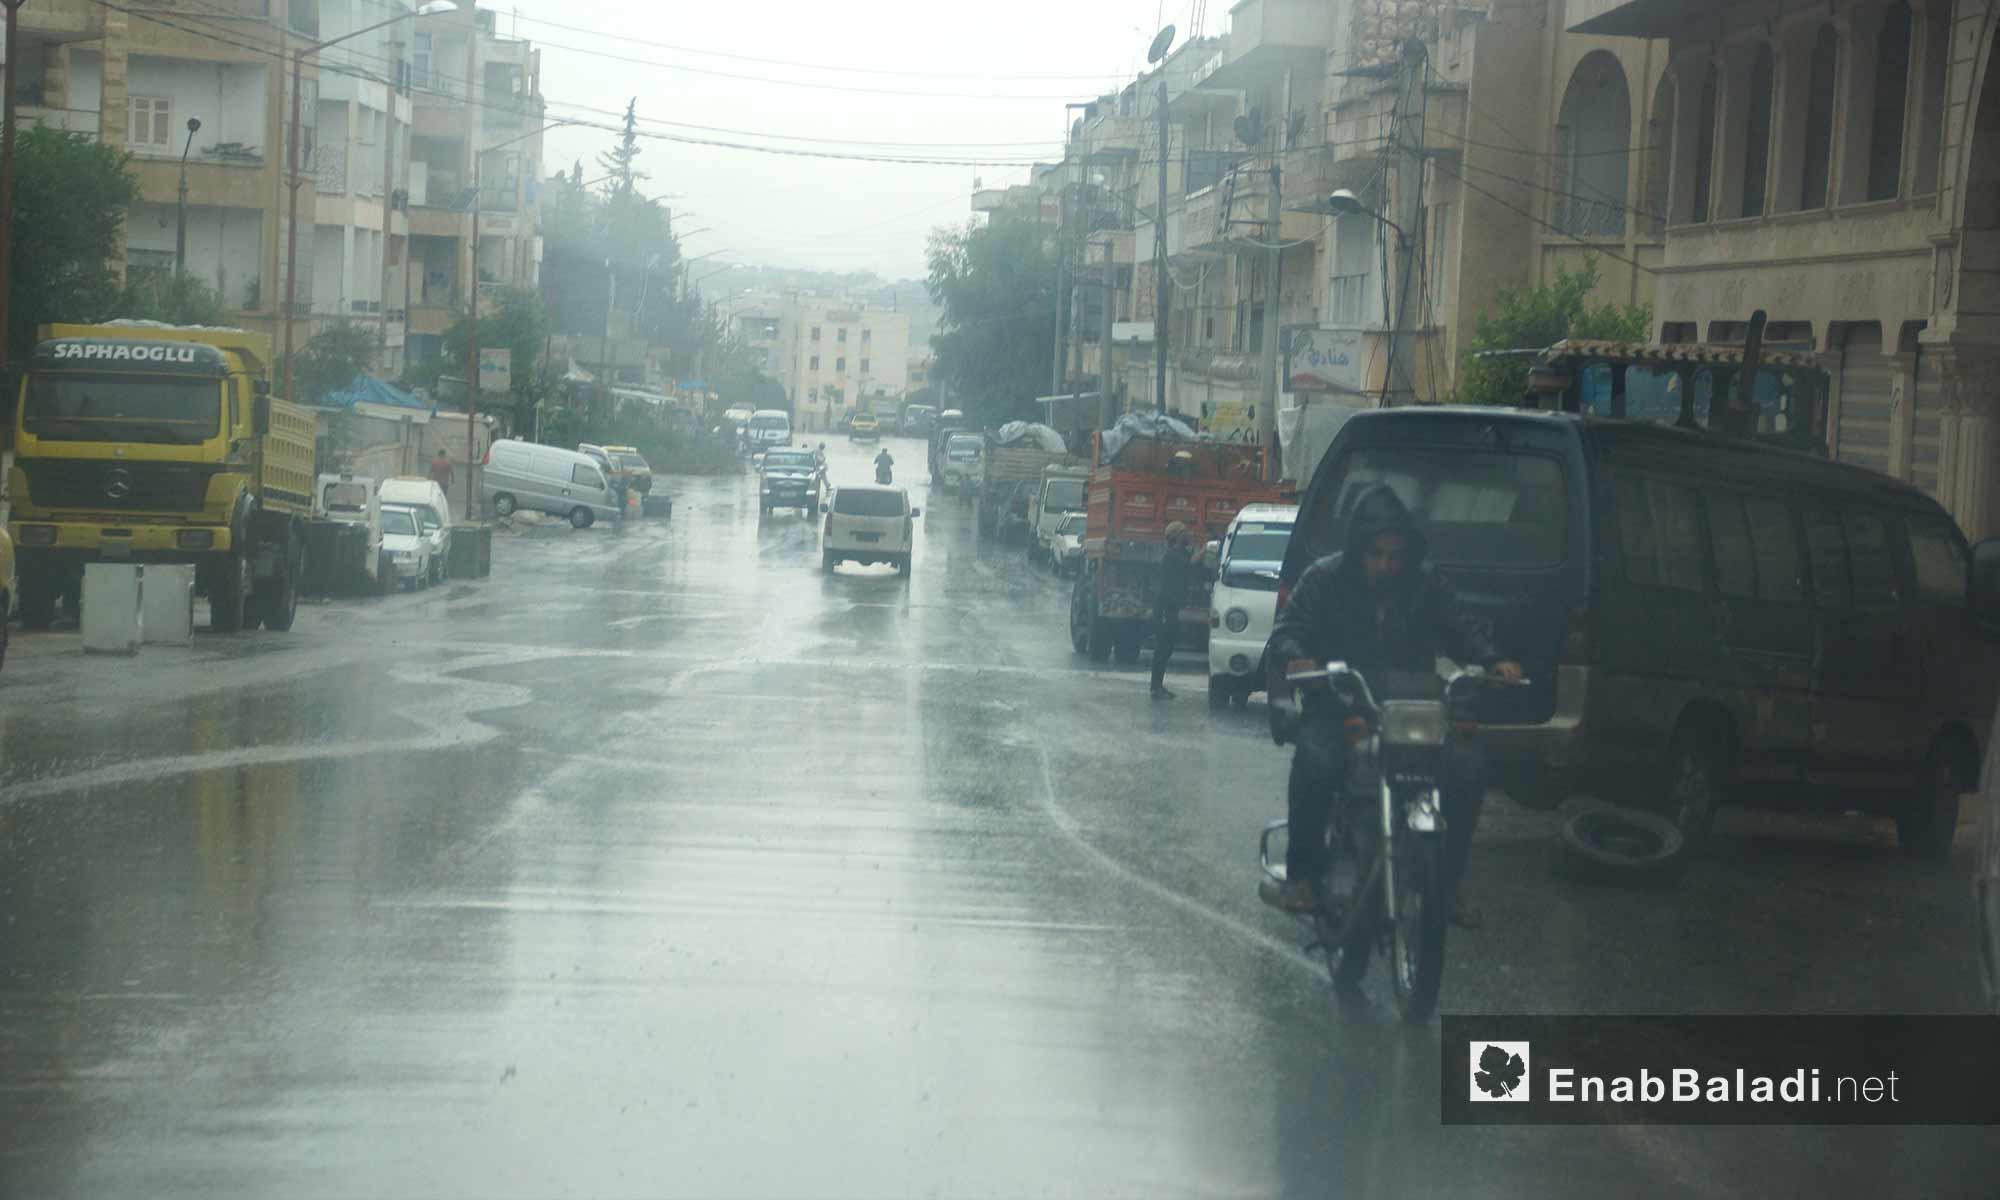 أهالي إدلب تحت المطر - 9 تشرين الأول 2017 (عنب بلدي)